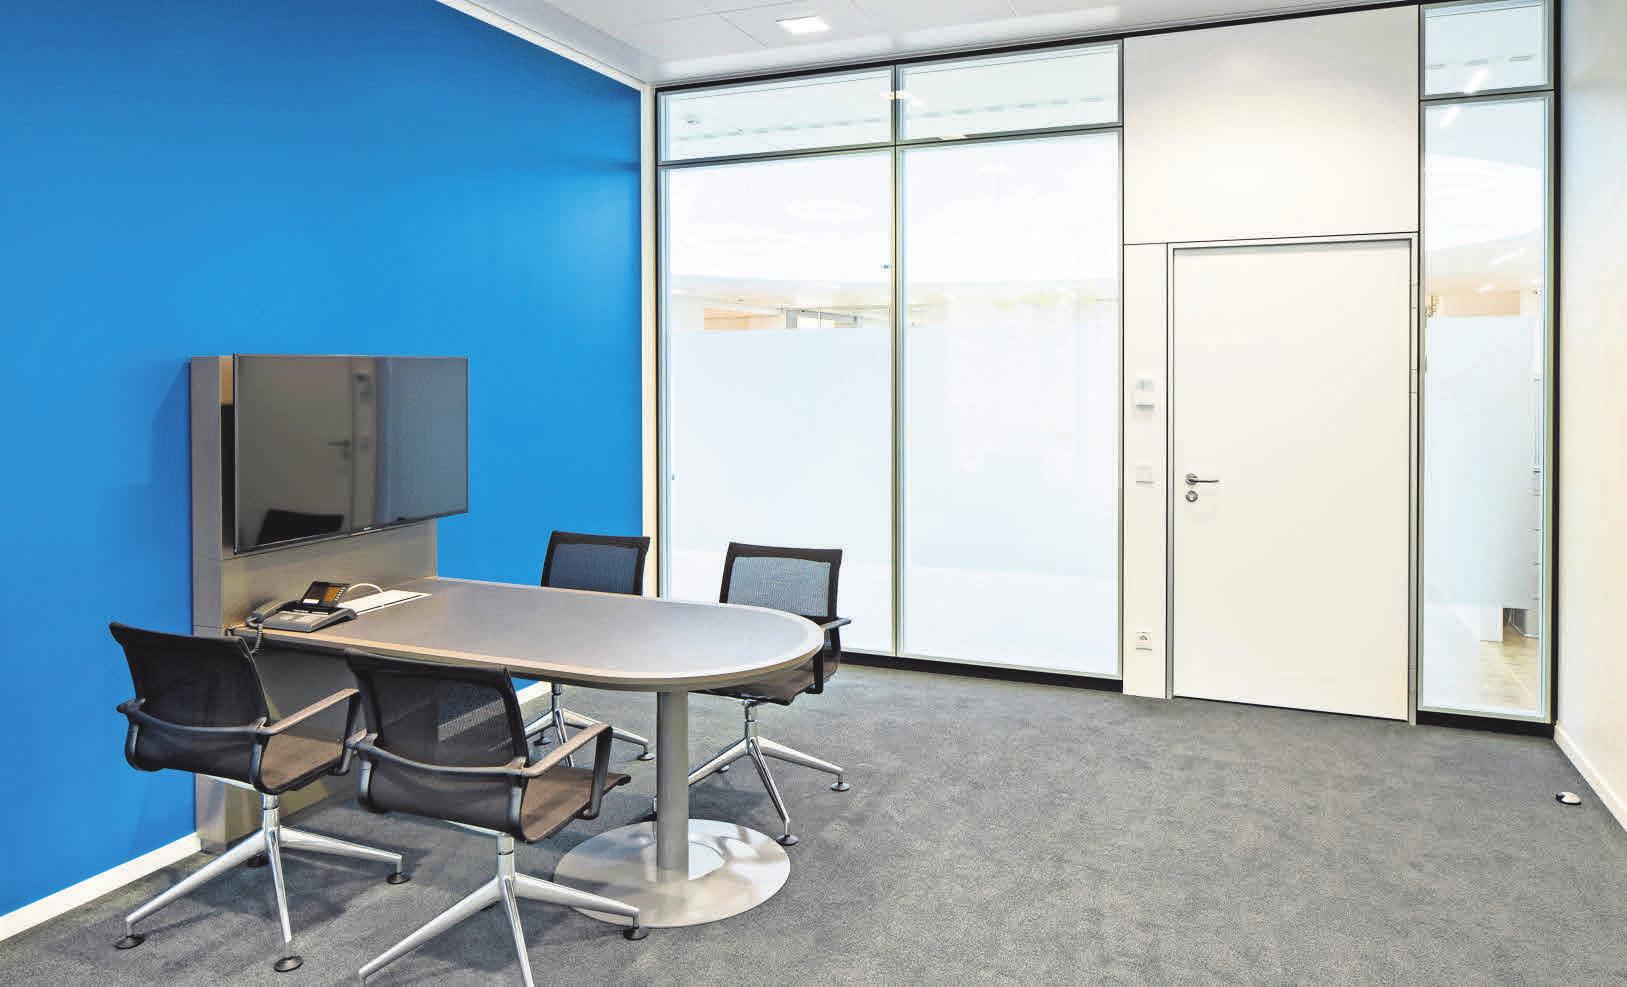 Moderne Büros sorgen für eine freundliche Atmosphäre.